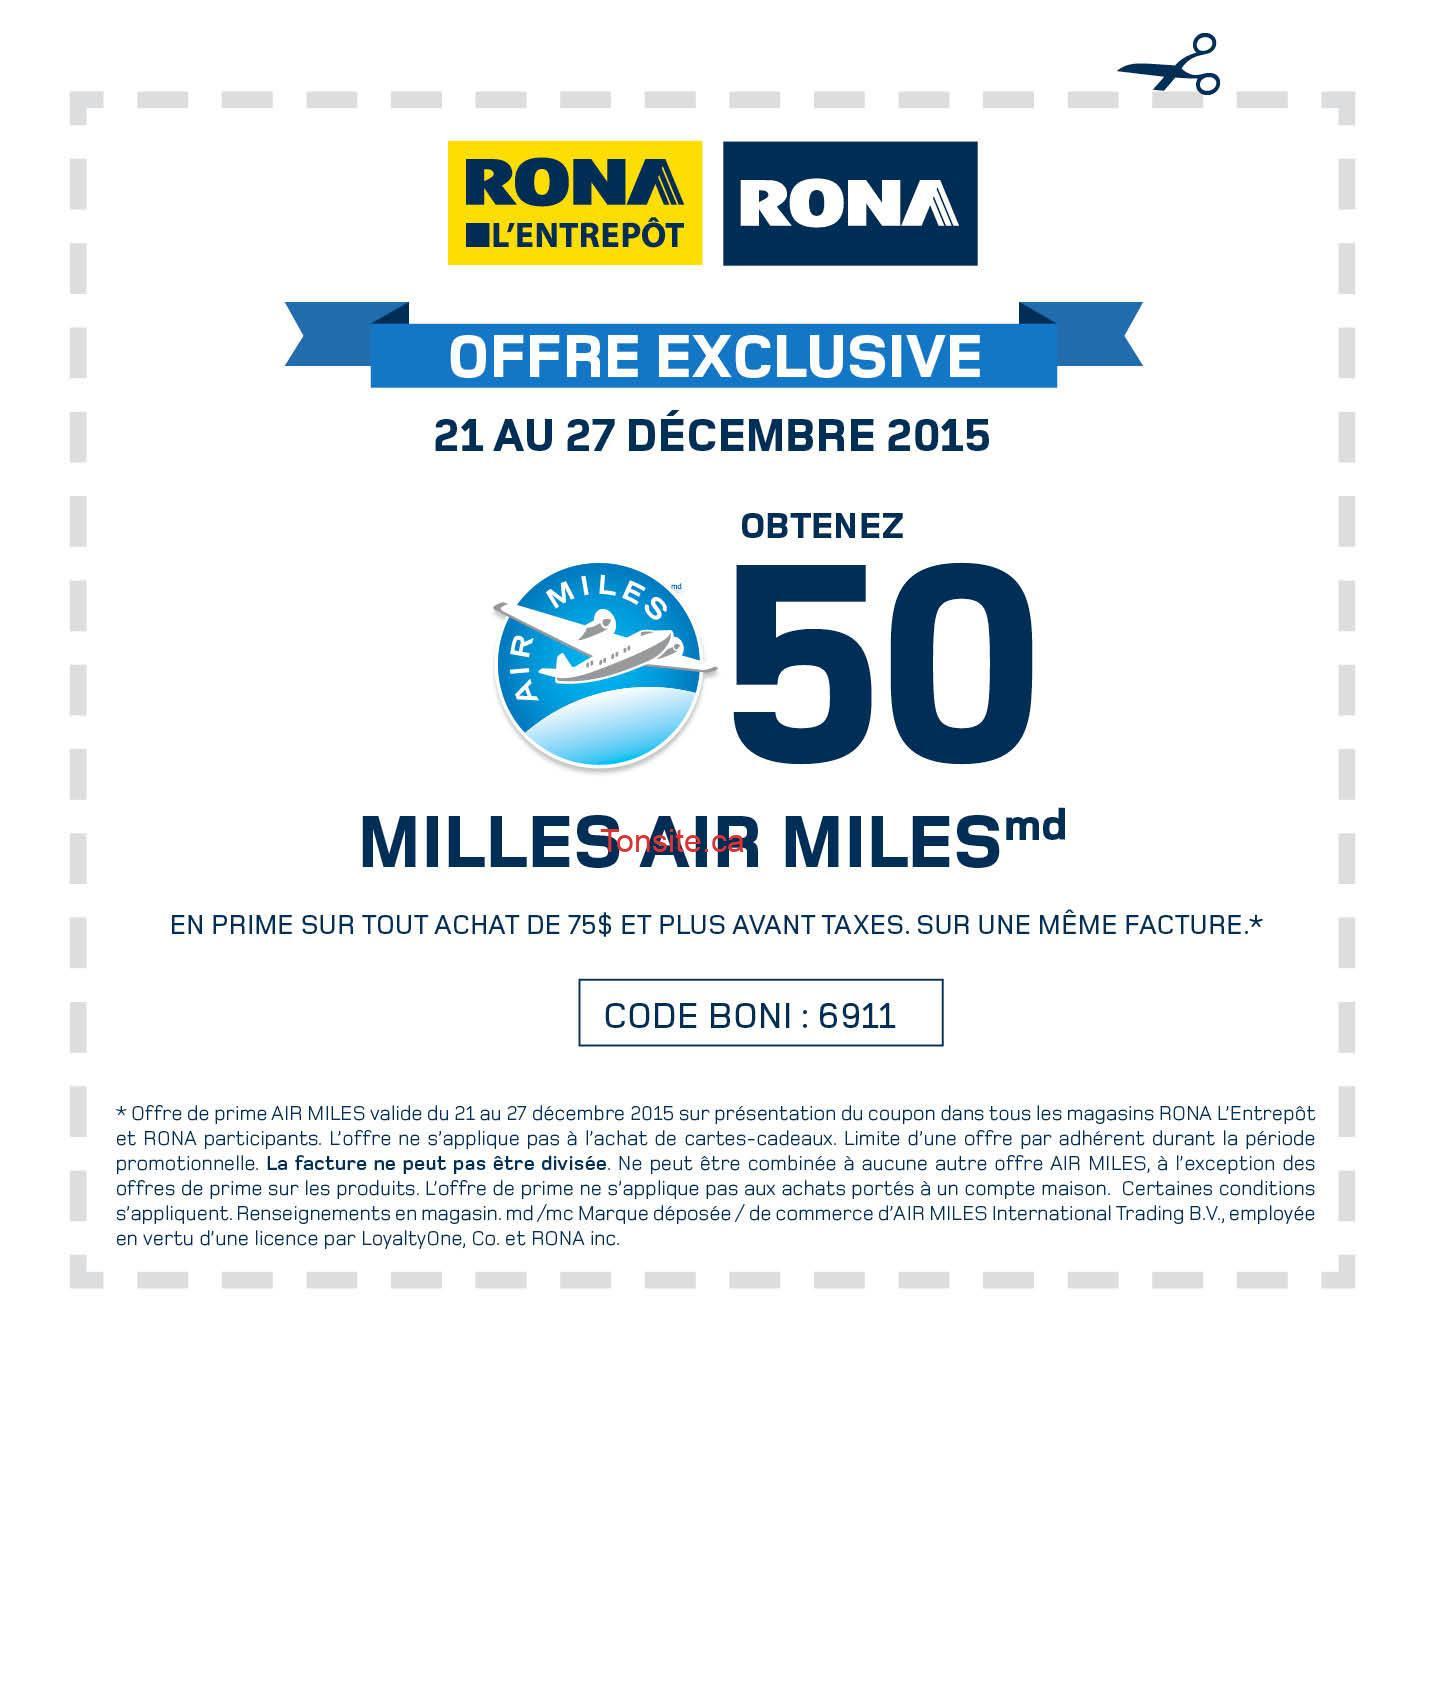 Rona: Obtenez 50 milles Air Miles en prime sur tout achat de 75$ et plus